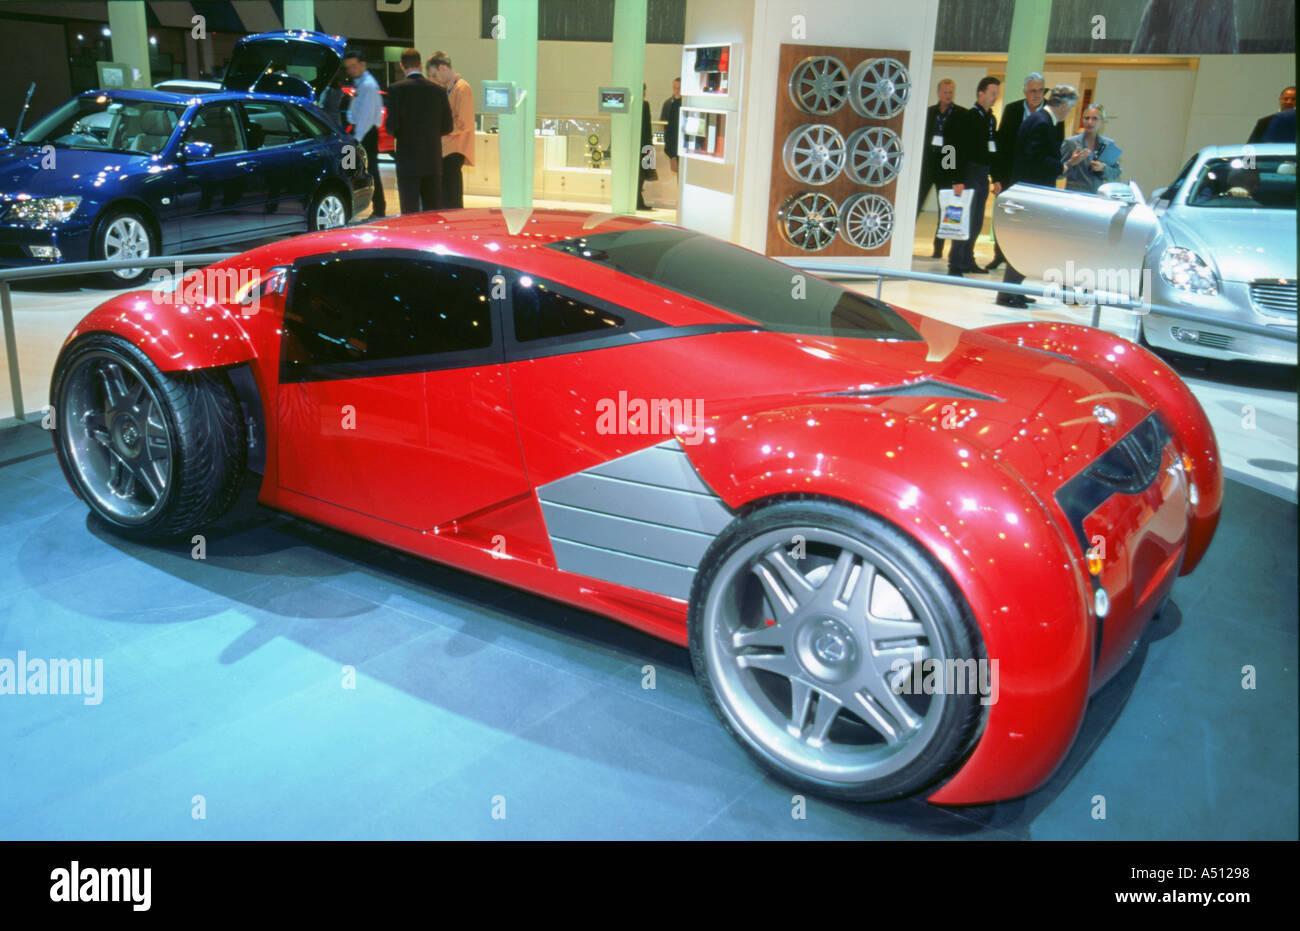 2002 Lexus prototipo eléctrico utilizado en la película Minority Report Imagen De Stock